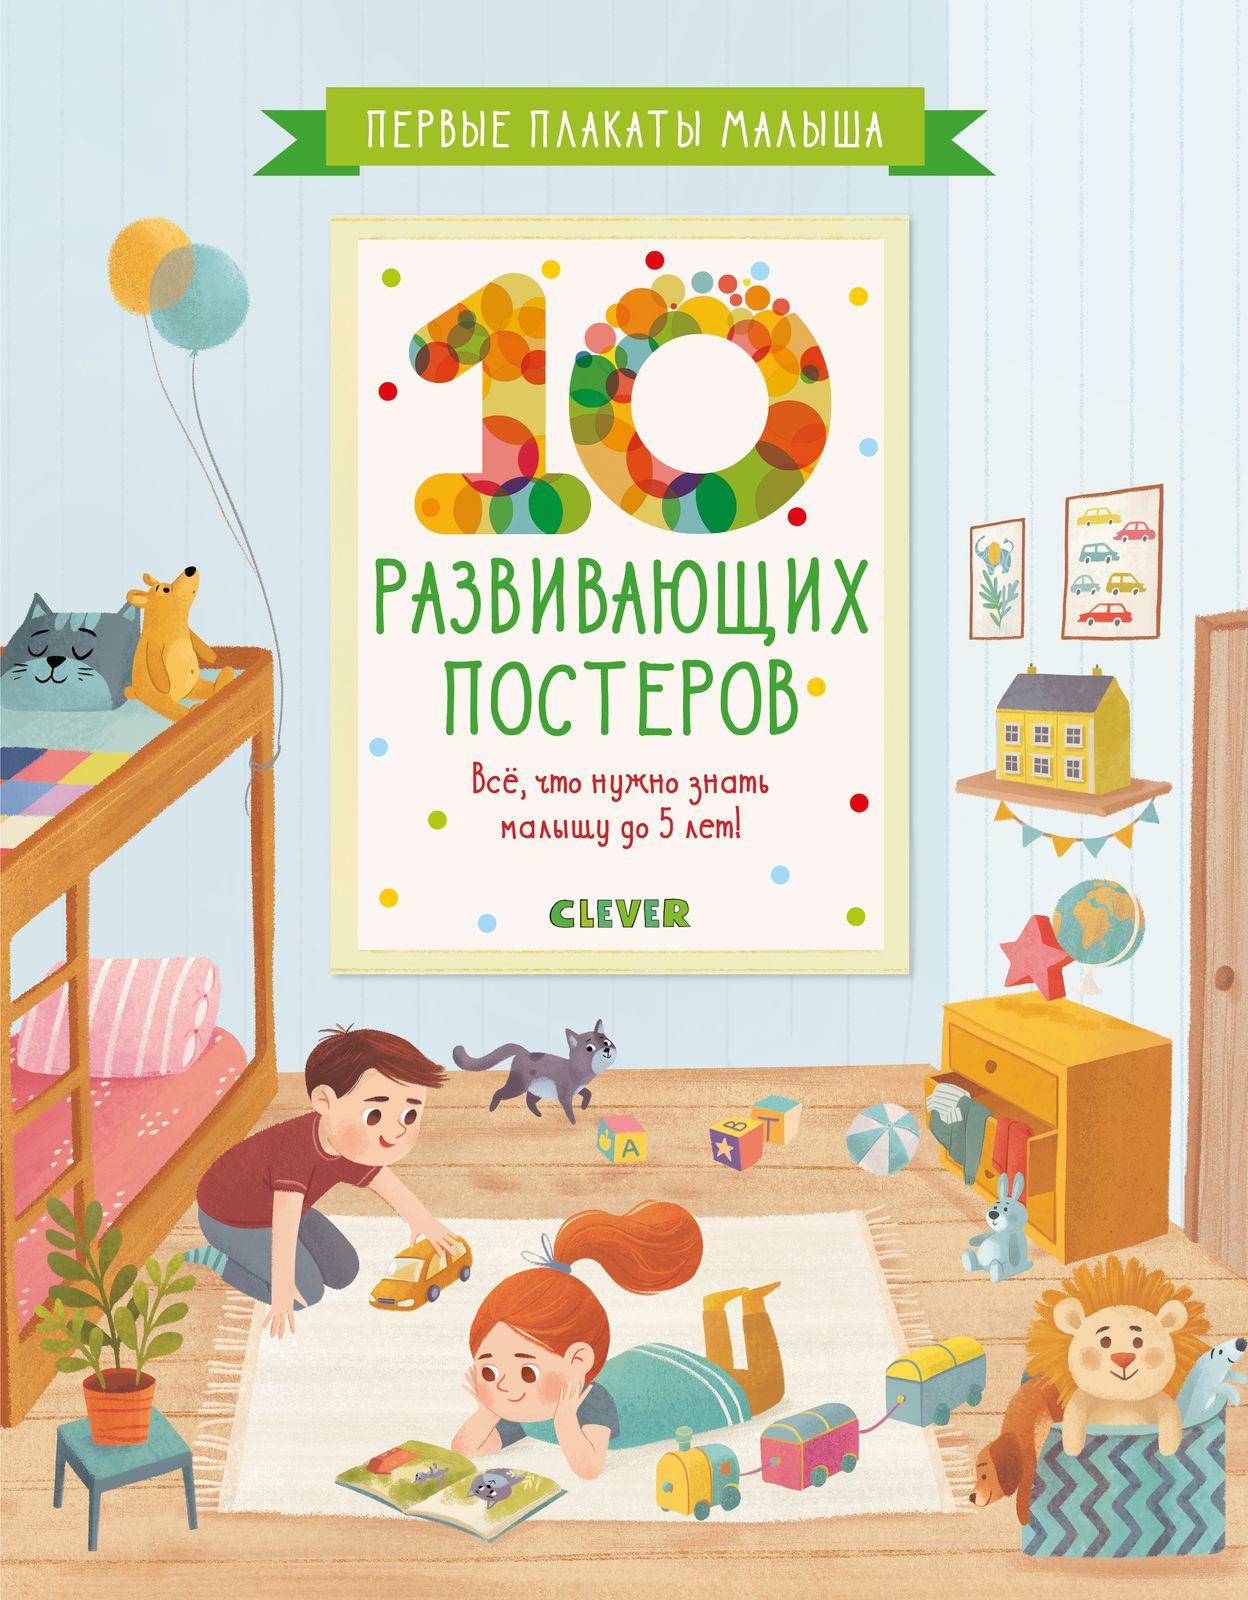 Купить Первые плакаты малыша. 10 развивающих постеров. Все, что нужно узнать малышу до 5 лет!, Издательство Клевер